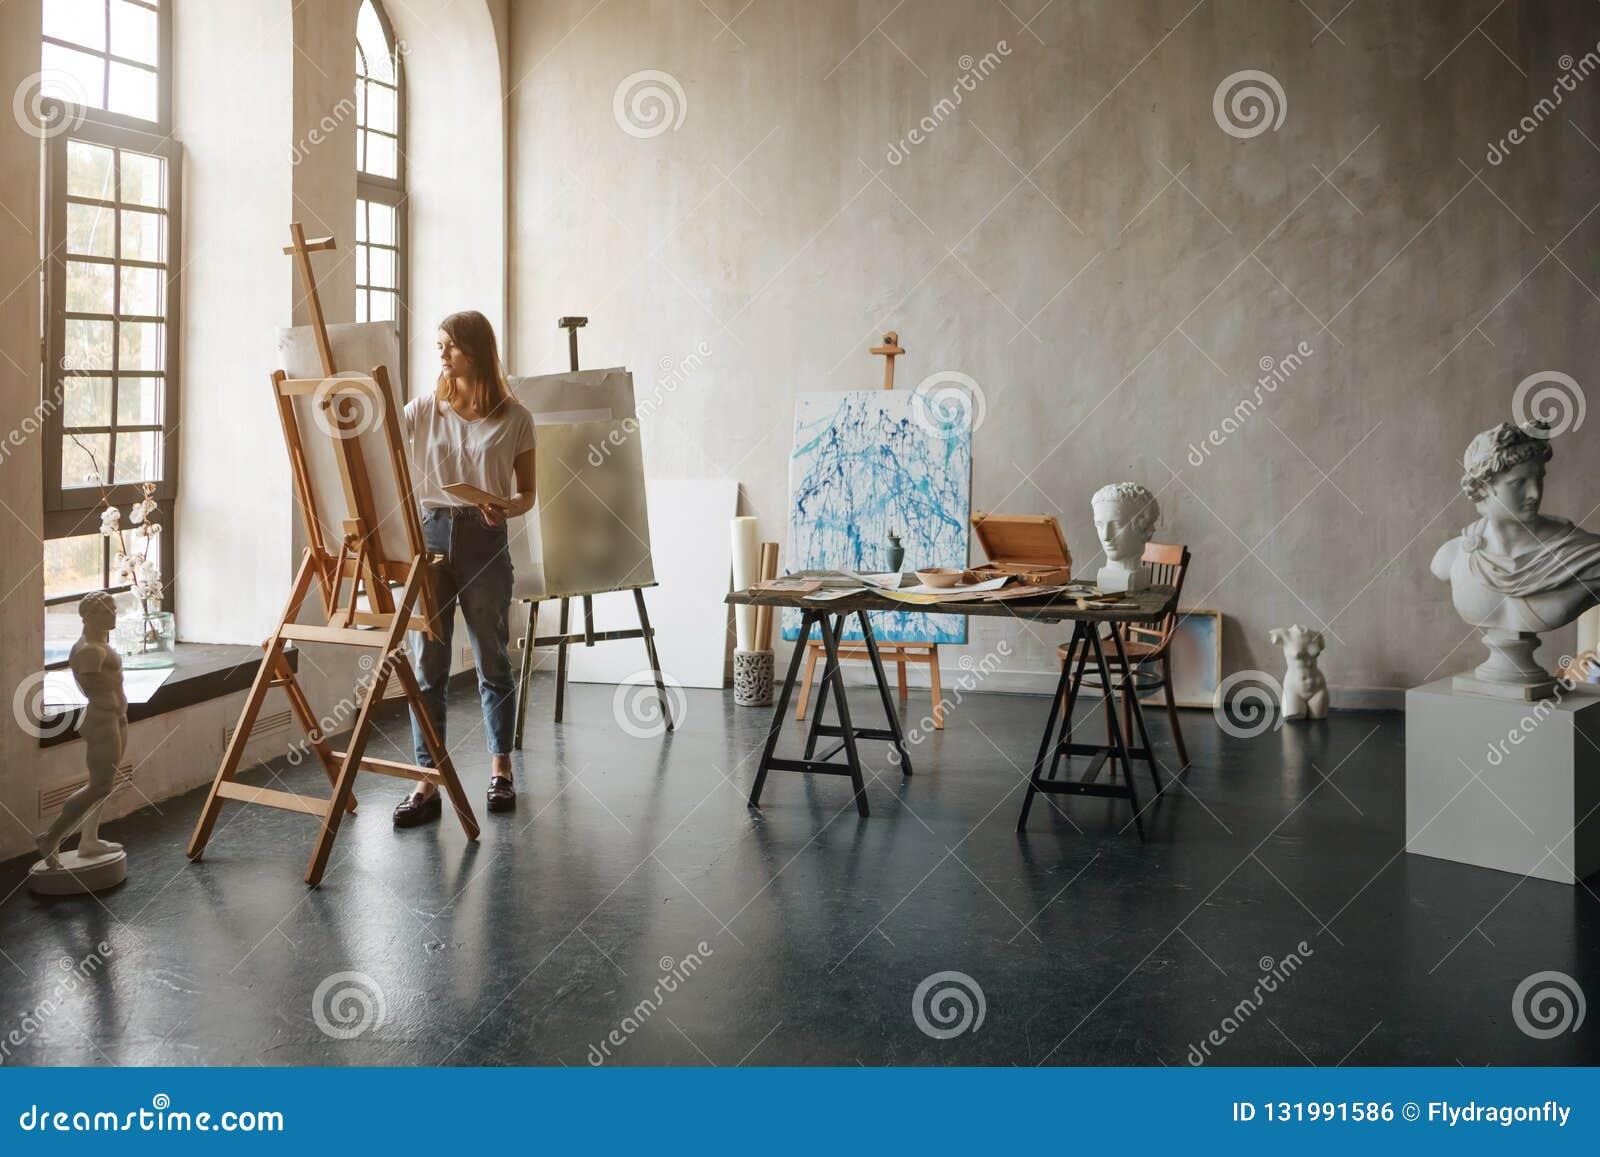 Artysta przy pracującym procesem Młoda kobieta tworzy obraz Warsztatowy pokój z lekkimi i klasycznymi rzeźb popiersiami